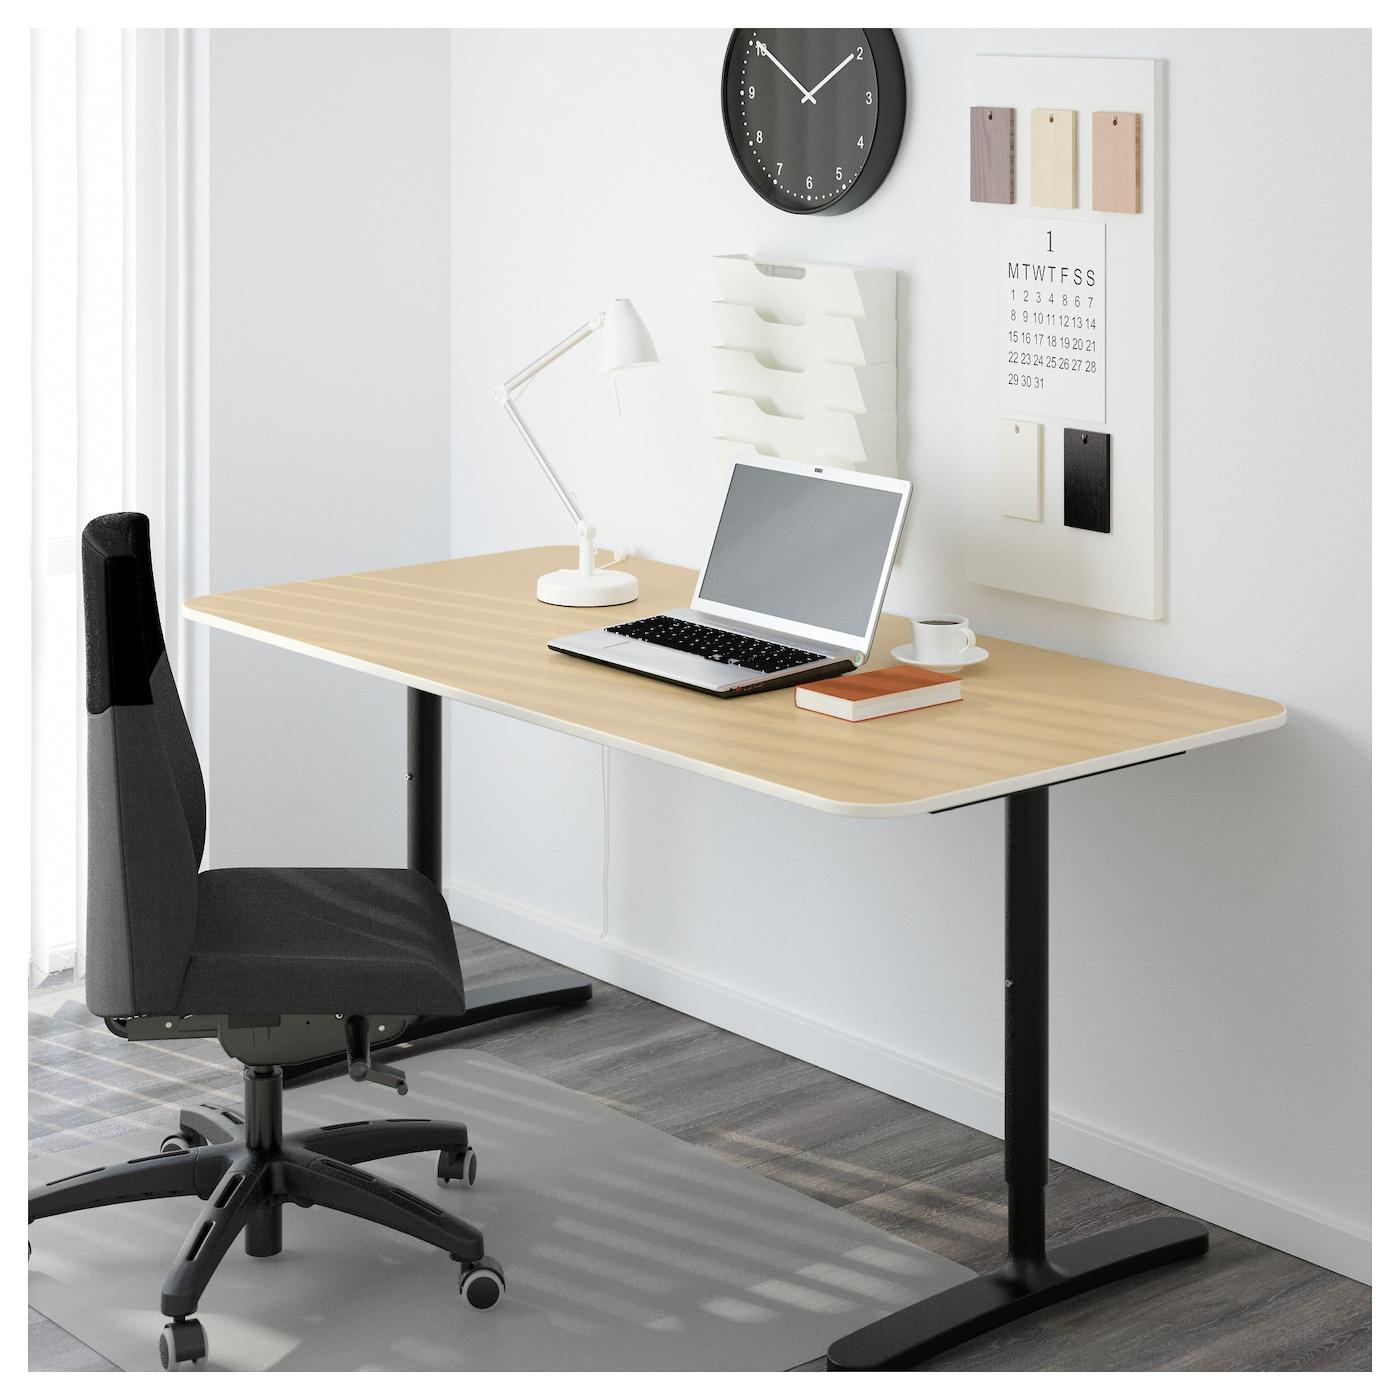 Hemnes Coffee Table Black Brown 90 X 90 Cm: BEKANT Desk Birch Veneer/black 160 X 80 Cm